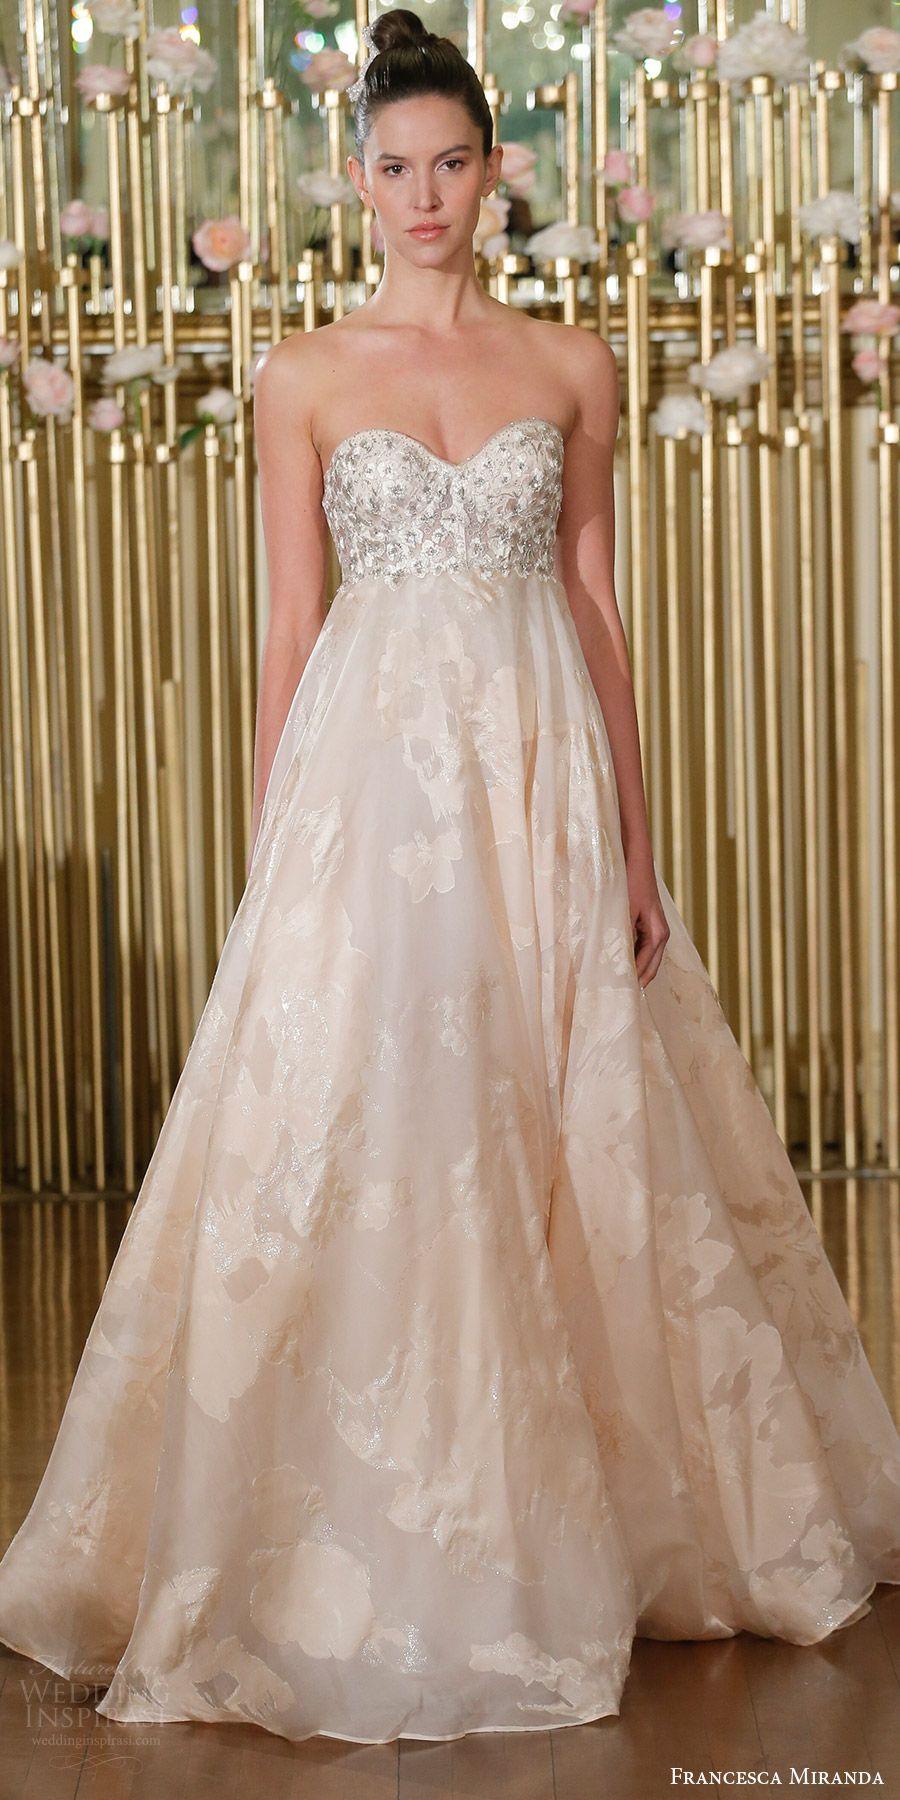 Francesca Miranda Spring 2018 Wedding Dresses   New York Bridal Fashion  Week Runway ShowFrancesca Miranda Spring 2018 Wedding Dresses   New York Bridal  . Corset Bodice Wedding Dress. Home Design Ideas